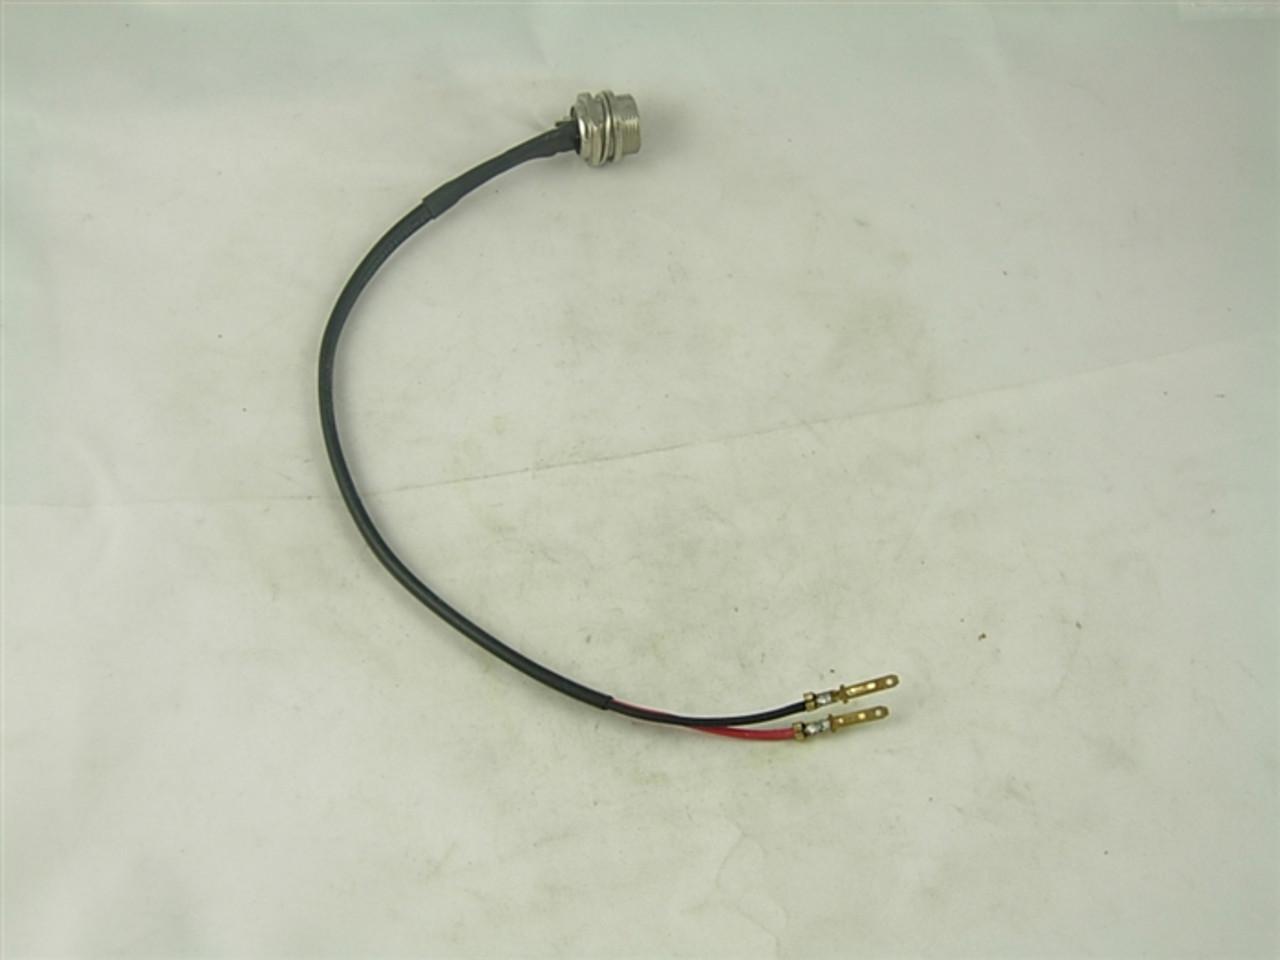 charging port 10524-a30-2